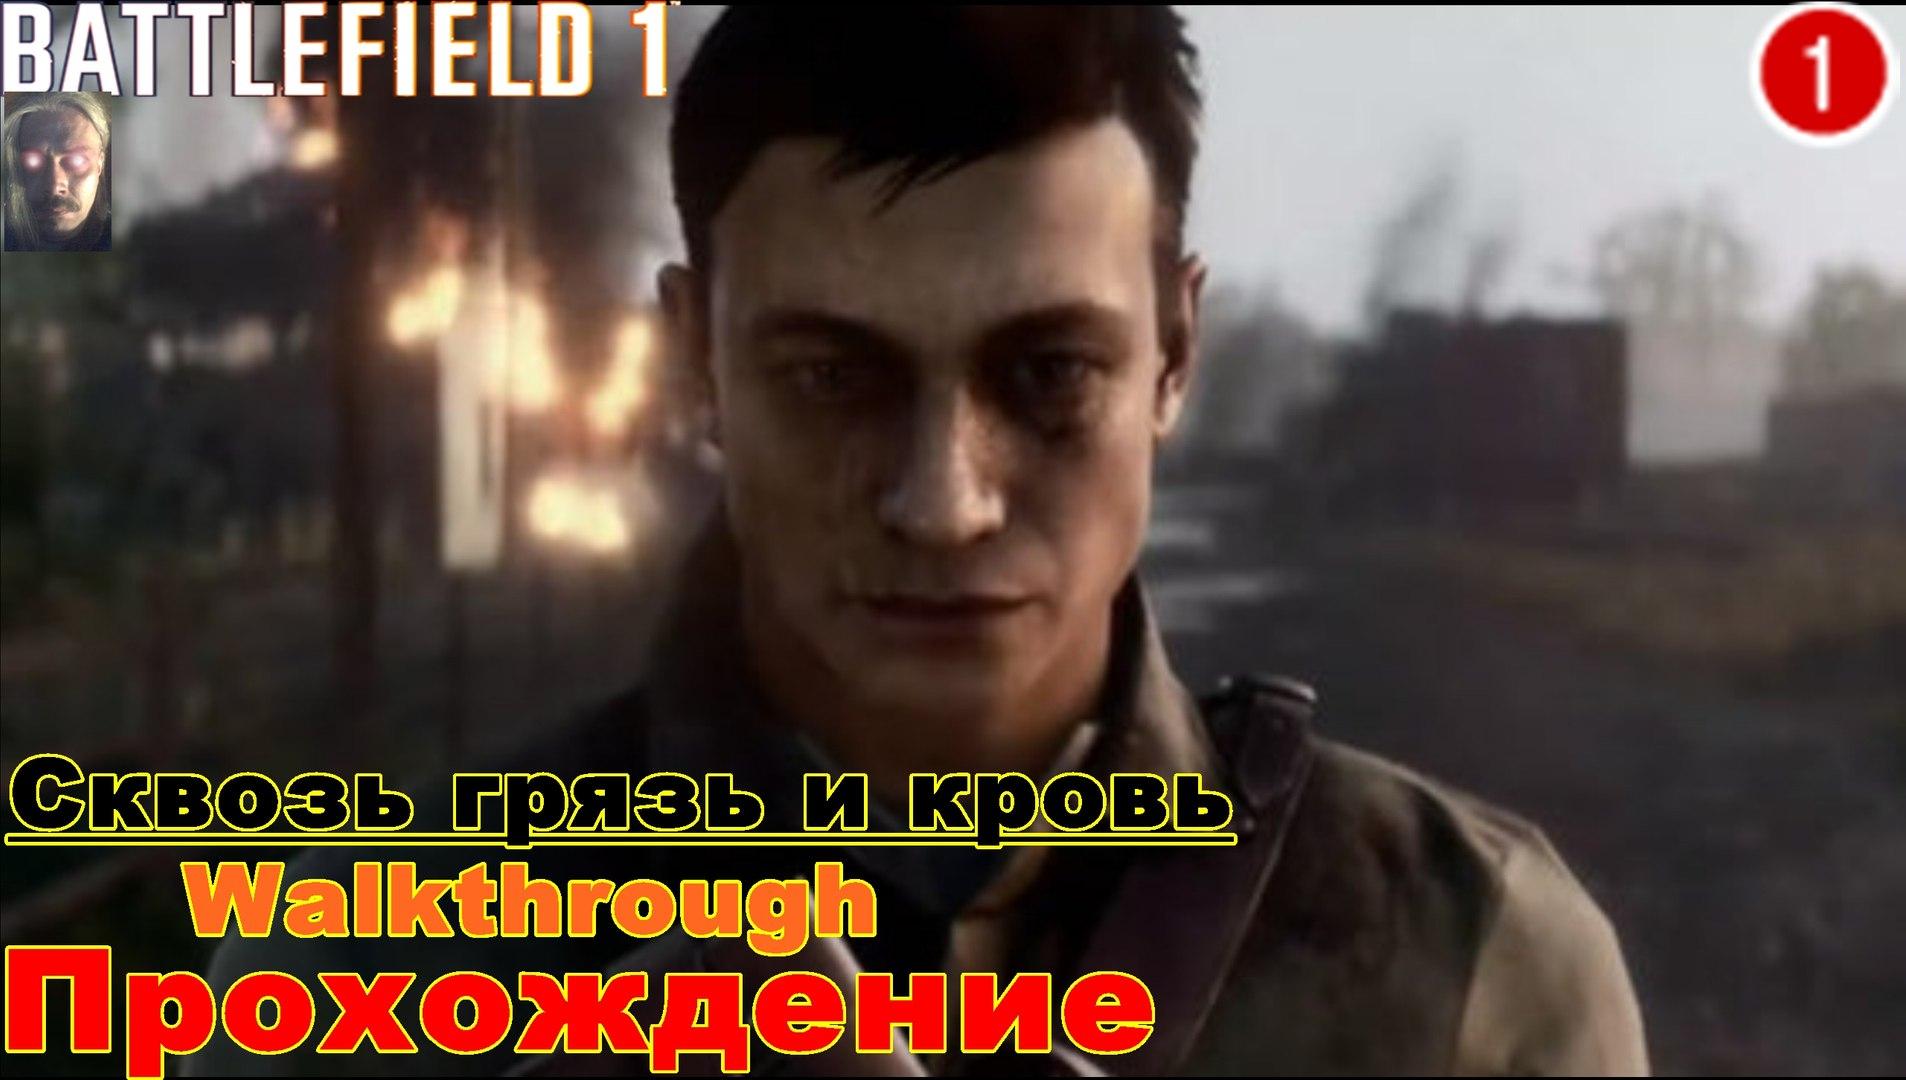 Прохождение Battlefield 1.Часть 1{Сквозь грязь и Кровь}.1.